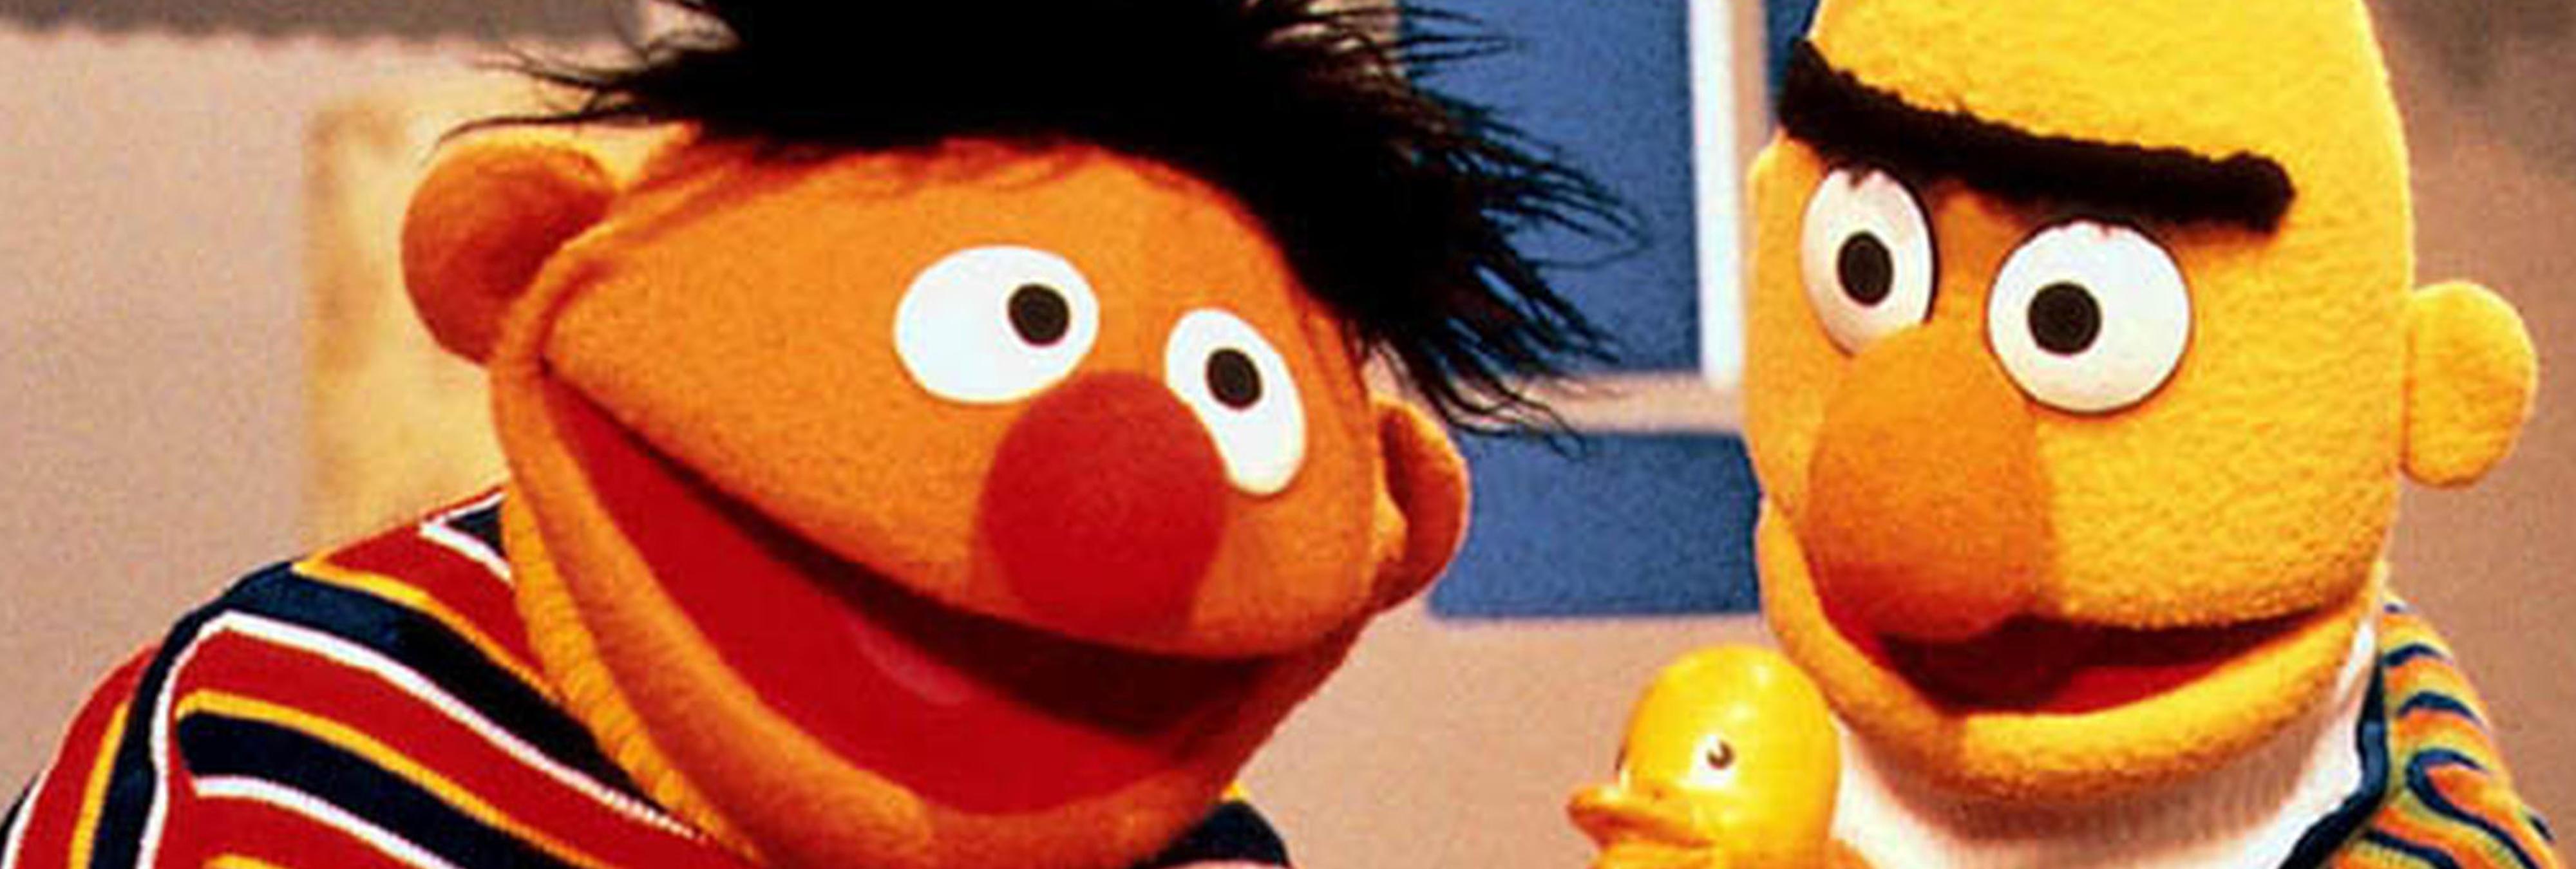 La televisión generalista olvida a los pequeños: ¿por qué ya no hay programas infantiles?